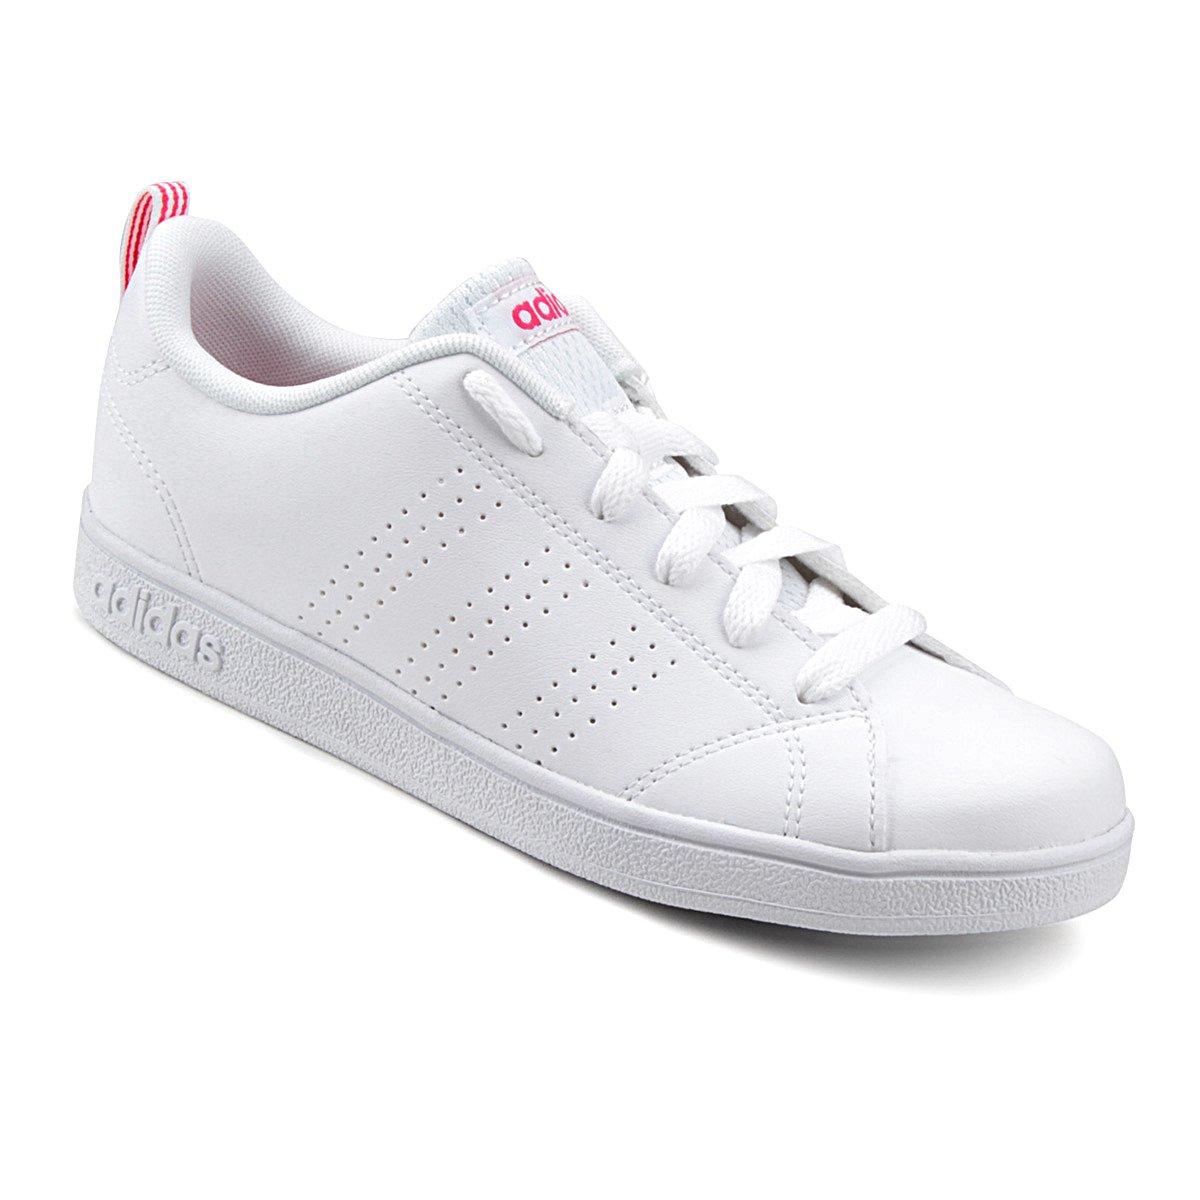 7c92e443df7 Tênis Adidas Vs Advantage Clean K Infantil - Branco e Vermelho - Compre  Agora